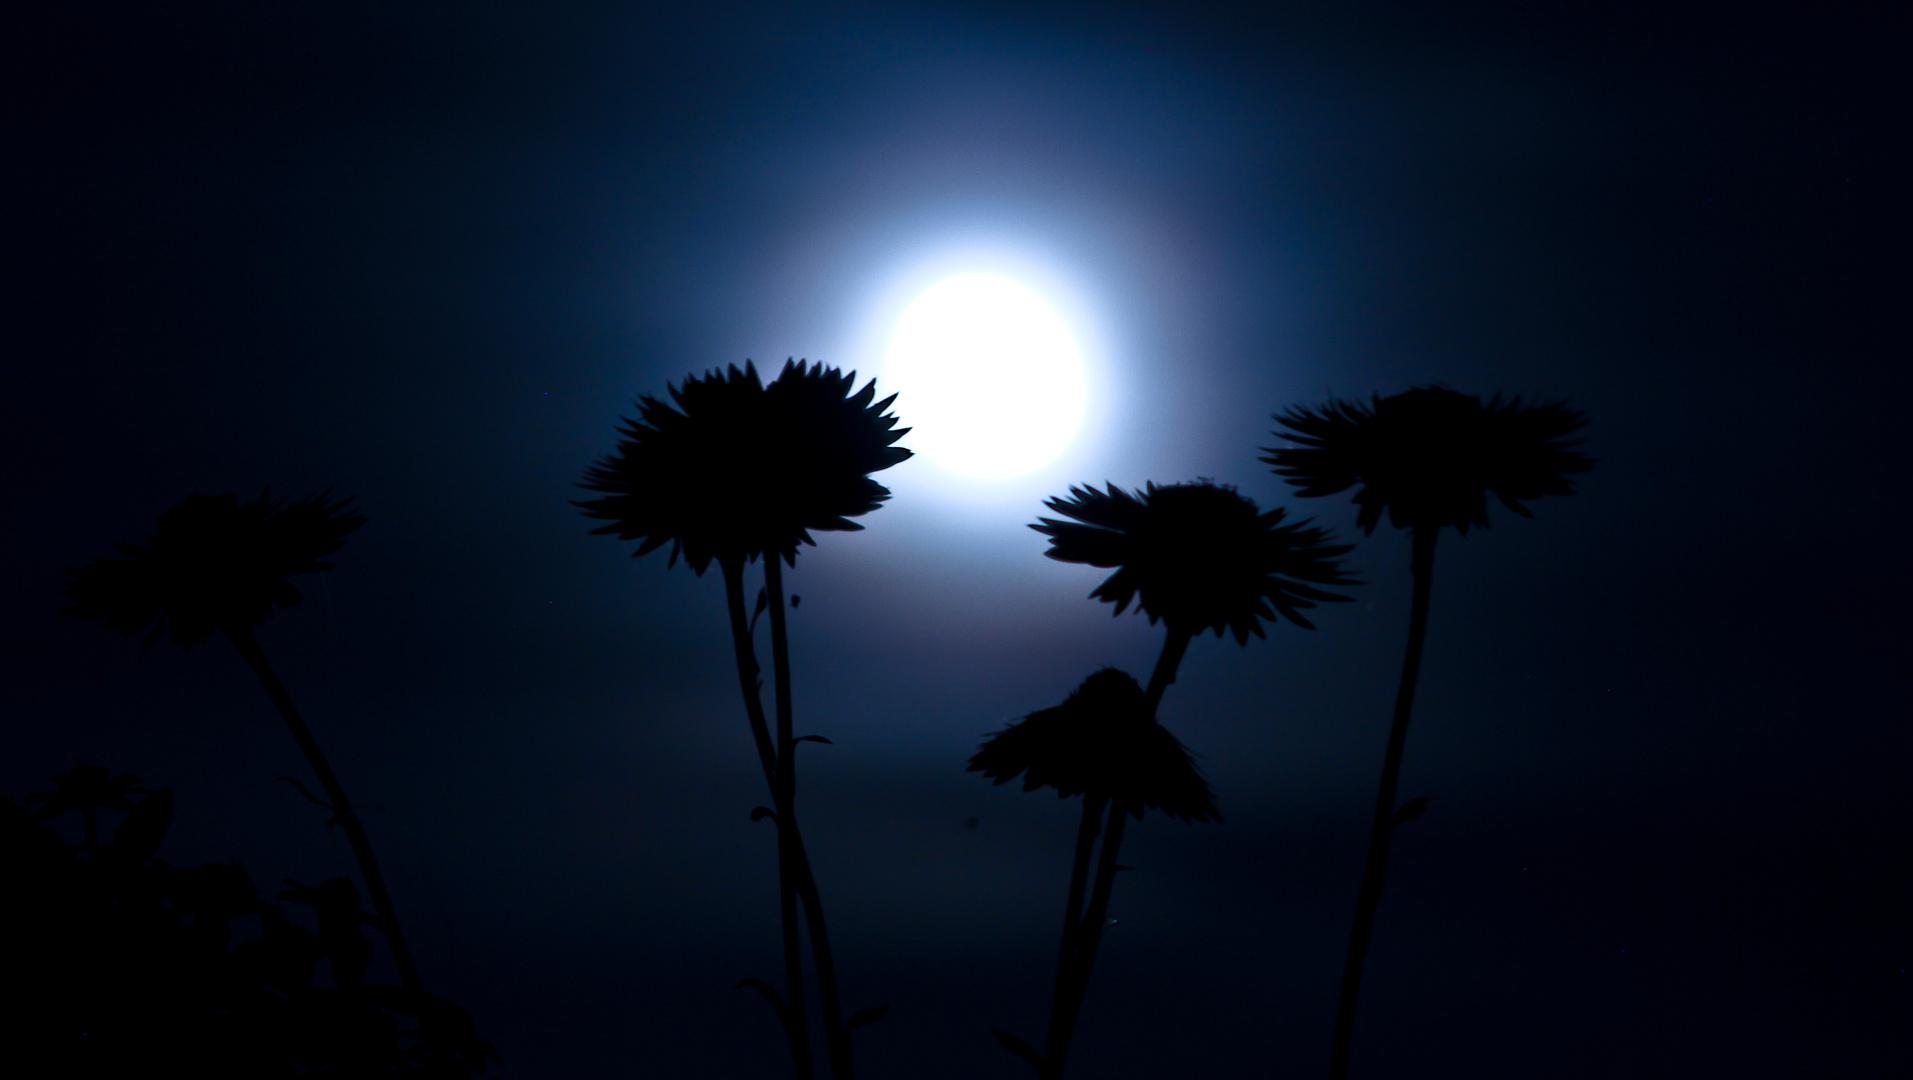 Der Mond von gestern Nacht...